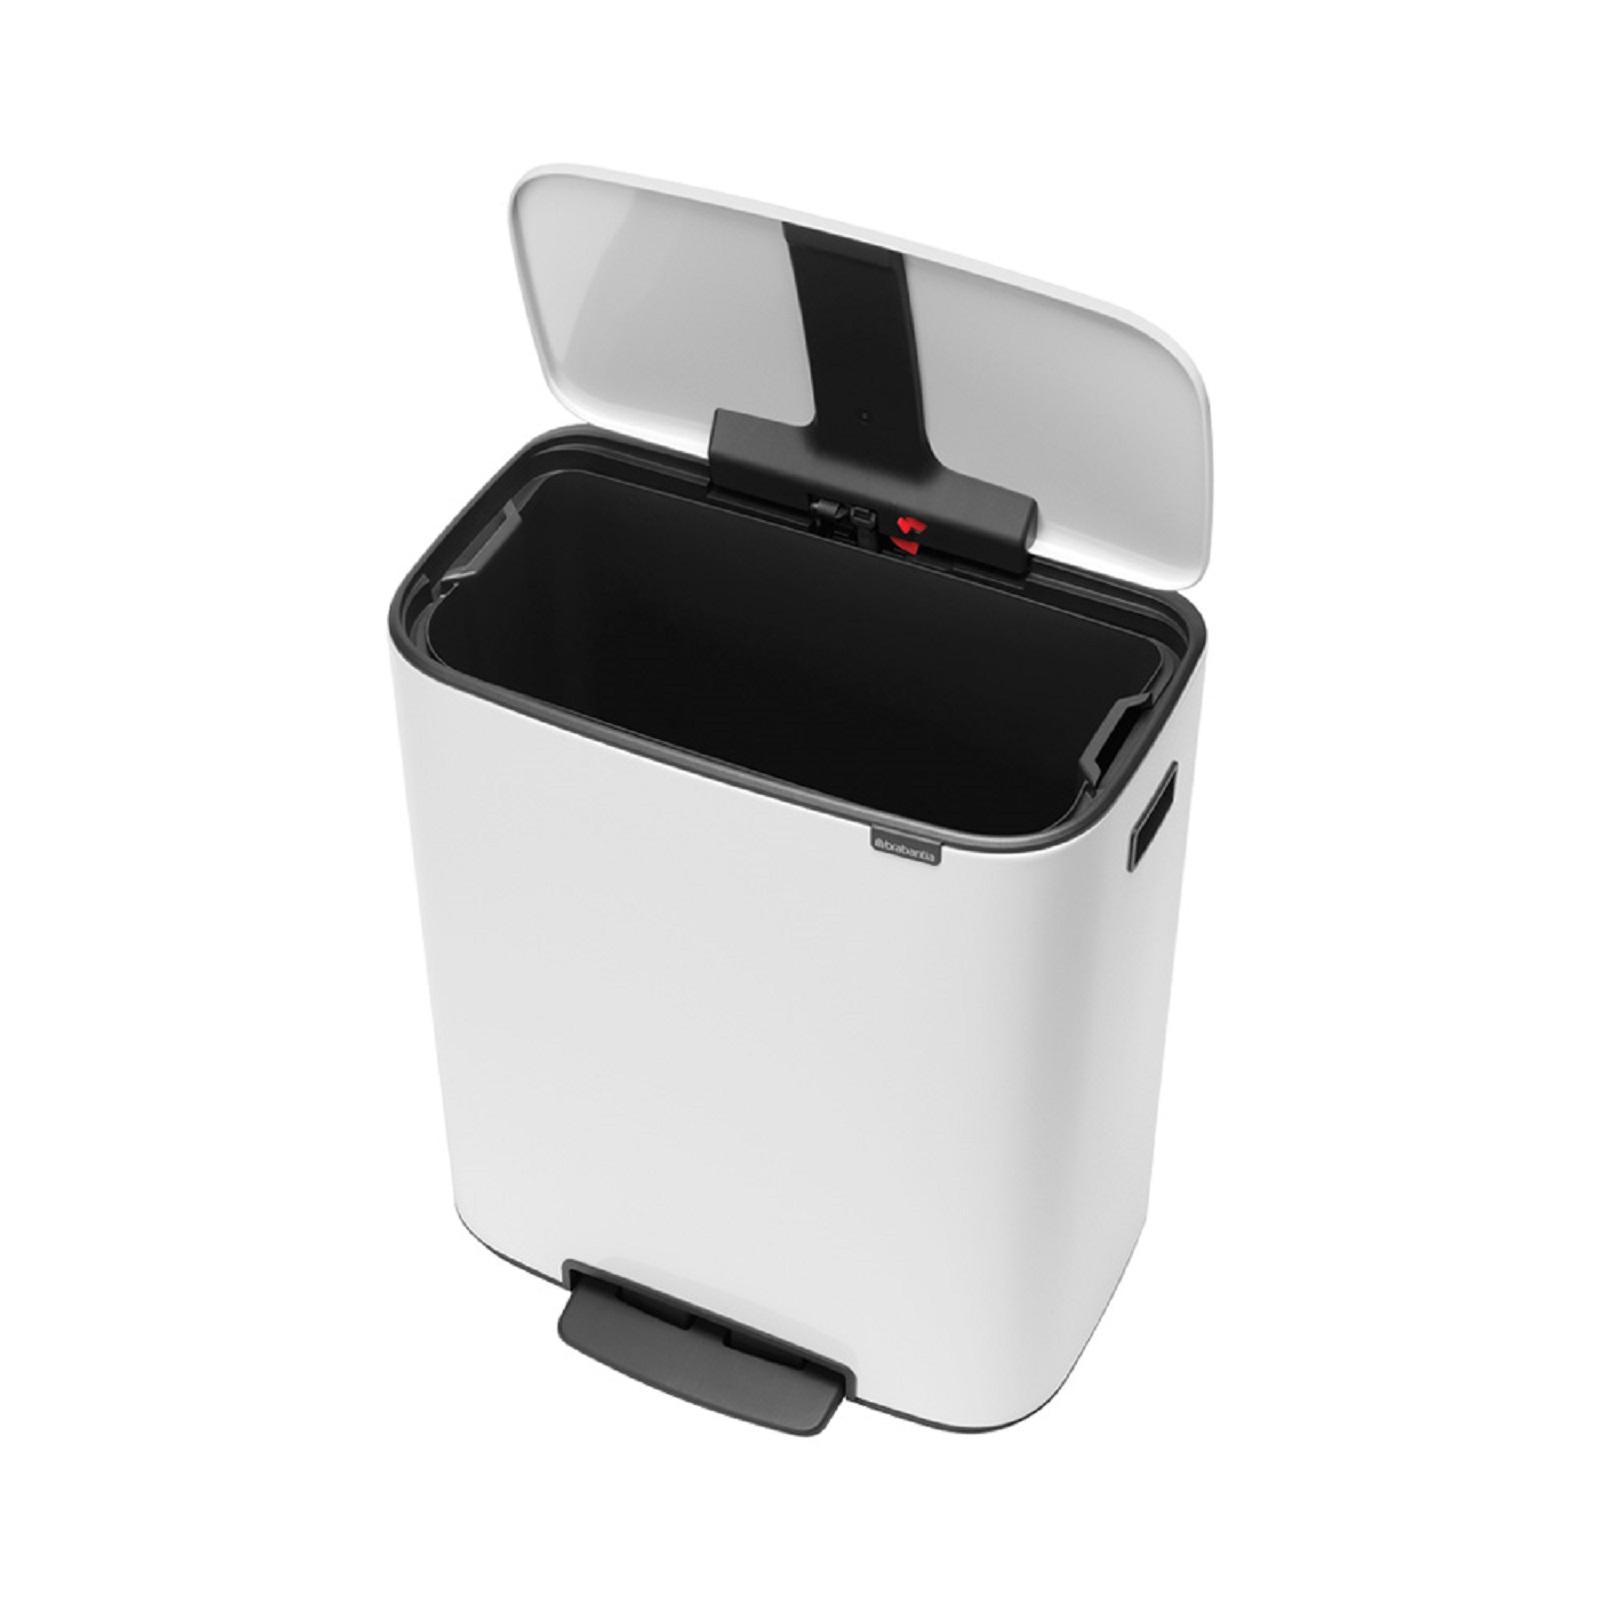 Бак для мусора с педалью BO PEDAL BIN Brabantia, объем 60 л, белый Brabantia 211300 фото 4